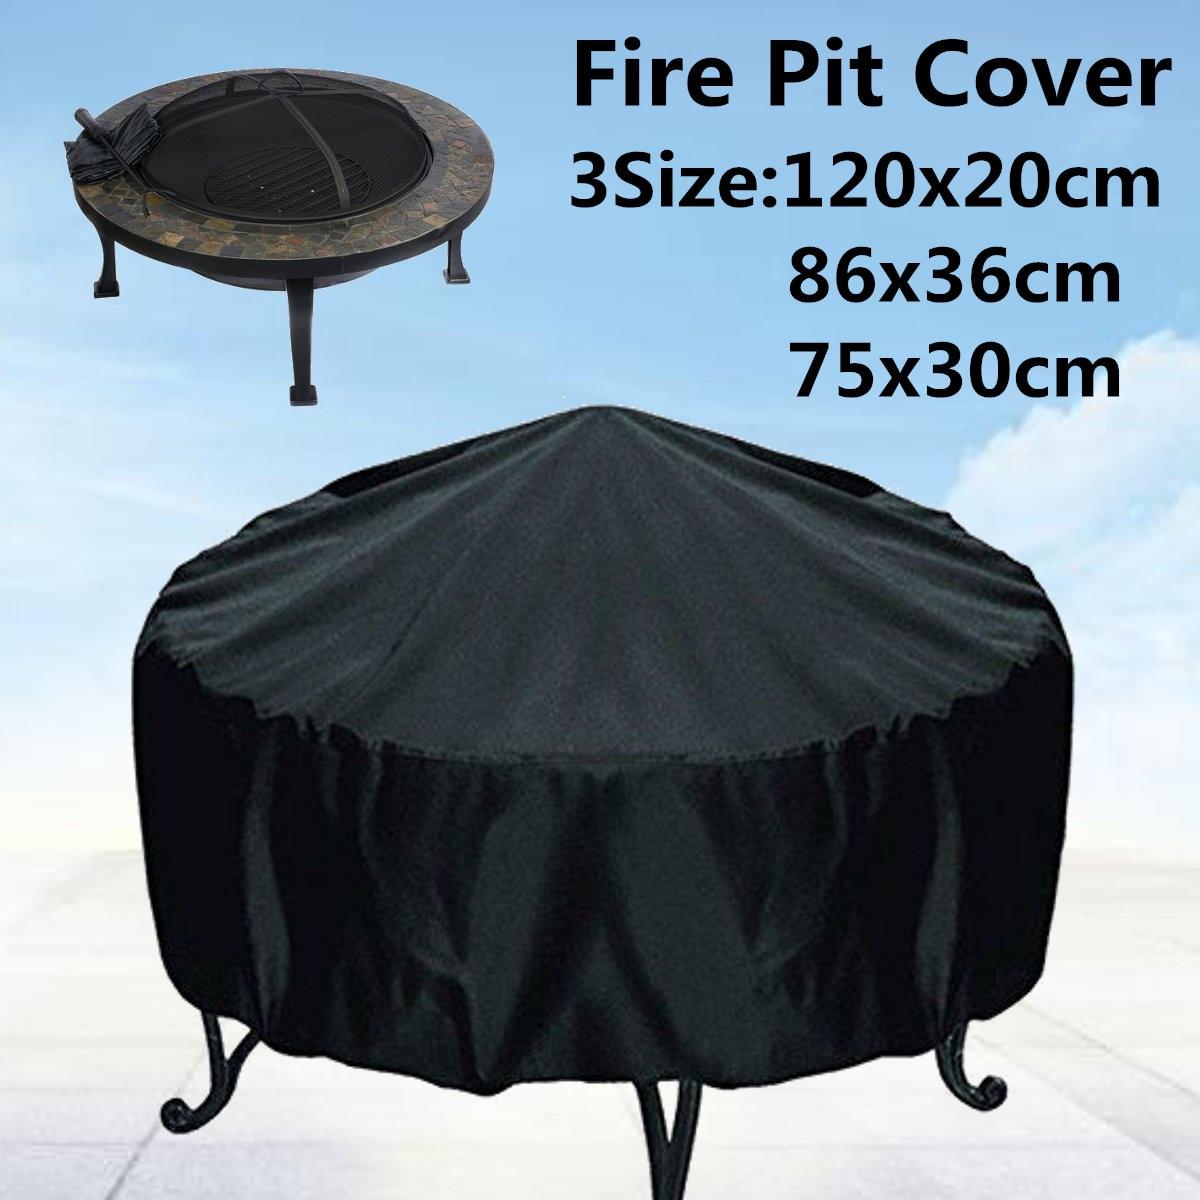 Couverture noire pour pare-feu de Patio   3 tailles, protection UV pour barbecue abri de barbecue, couverture de meubles ronde pour jardin et jardin en plein air